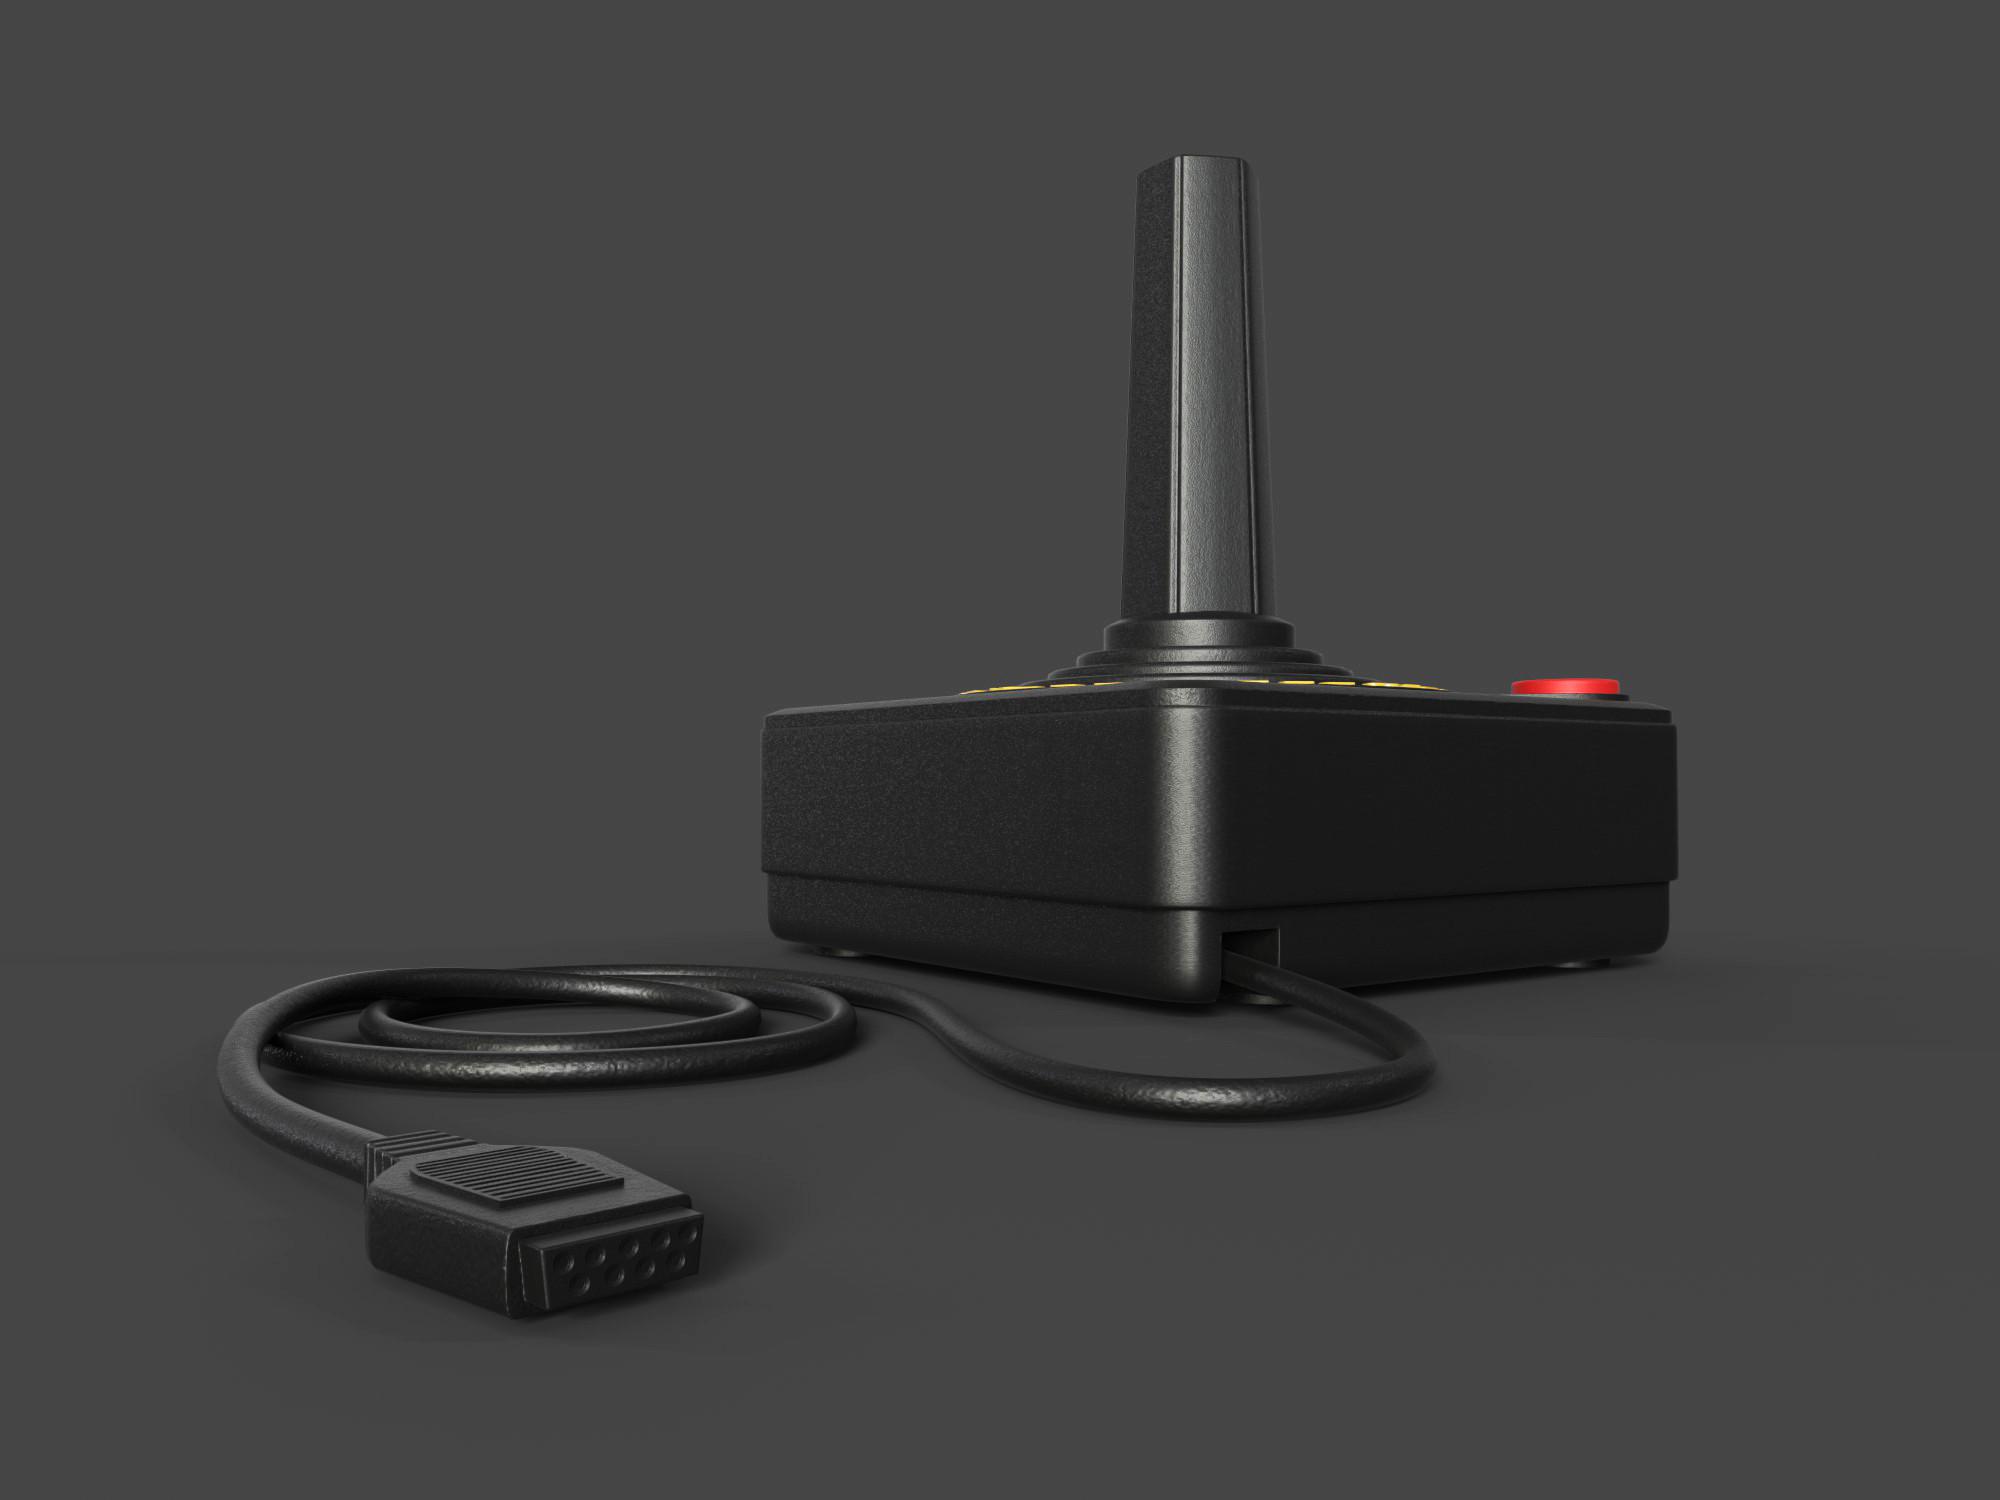 Atari CX40 Joystick